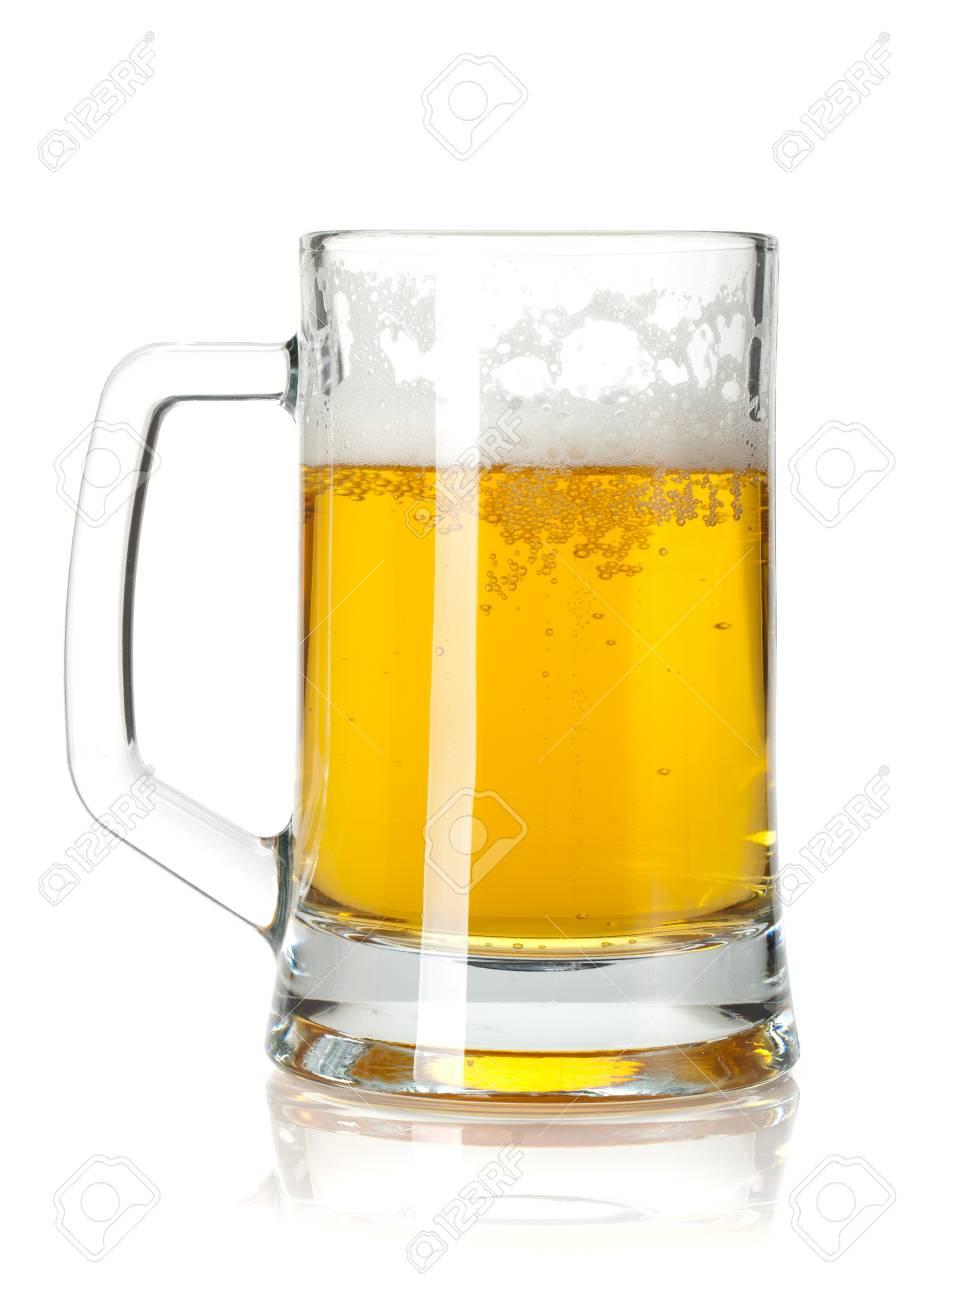 Beer mug. Isolated on white background Stock Photo - 16413579